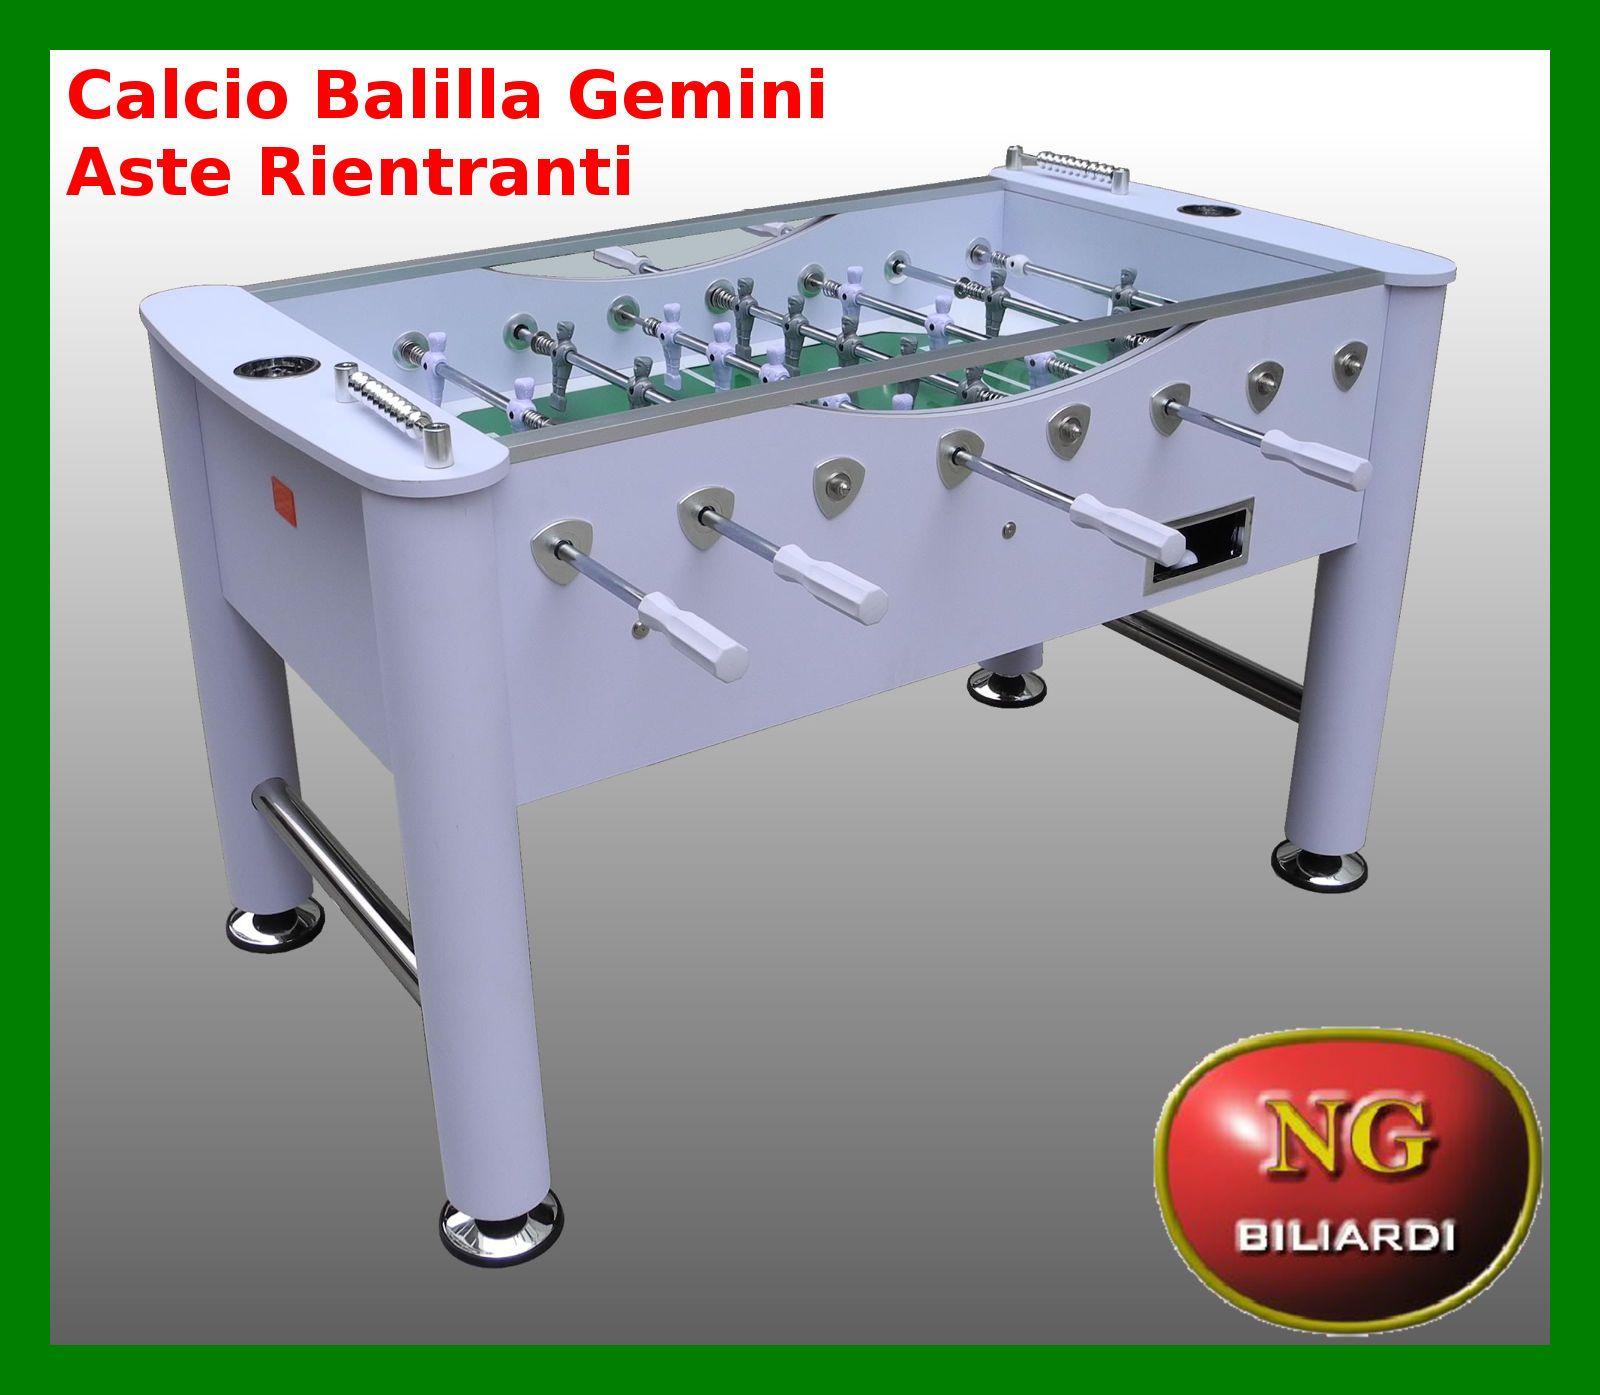 Calcio balilla gemini aste rientranti calcetto biliardino nuovo robus ebay - Calcio balilla design ...